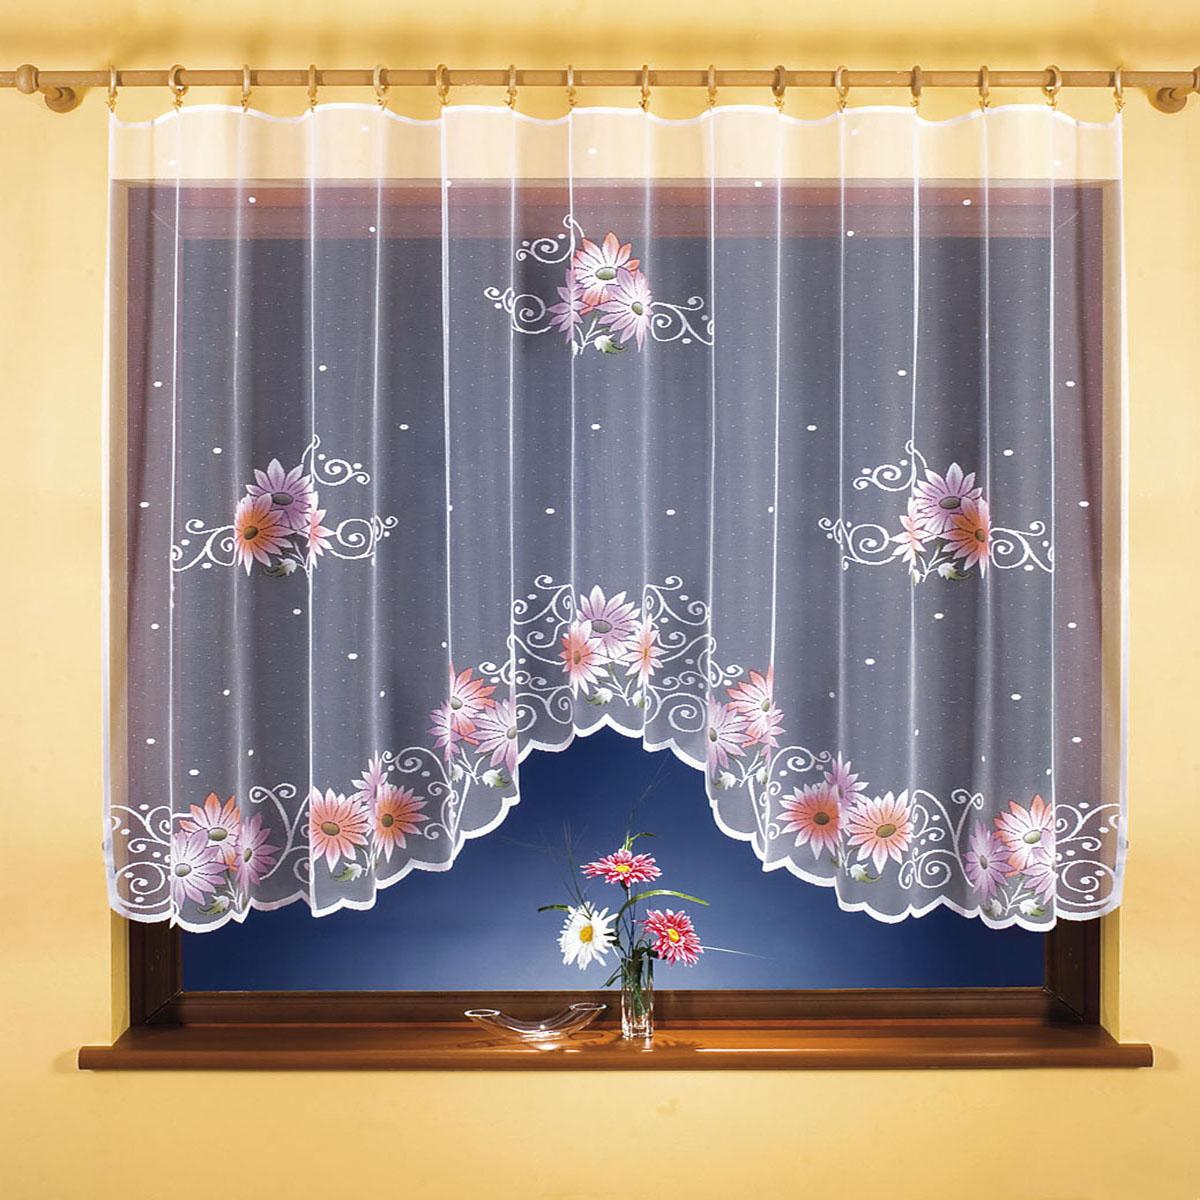 Гардина Wisan, цвет: белый, ширина 300 см, высота 150 см. 98109810вид крепления - под зажимы для штор Размеры: ширина 300*высота 150